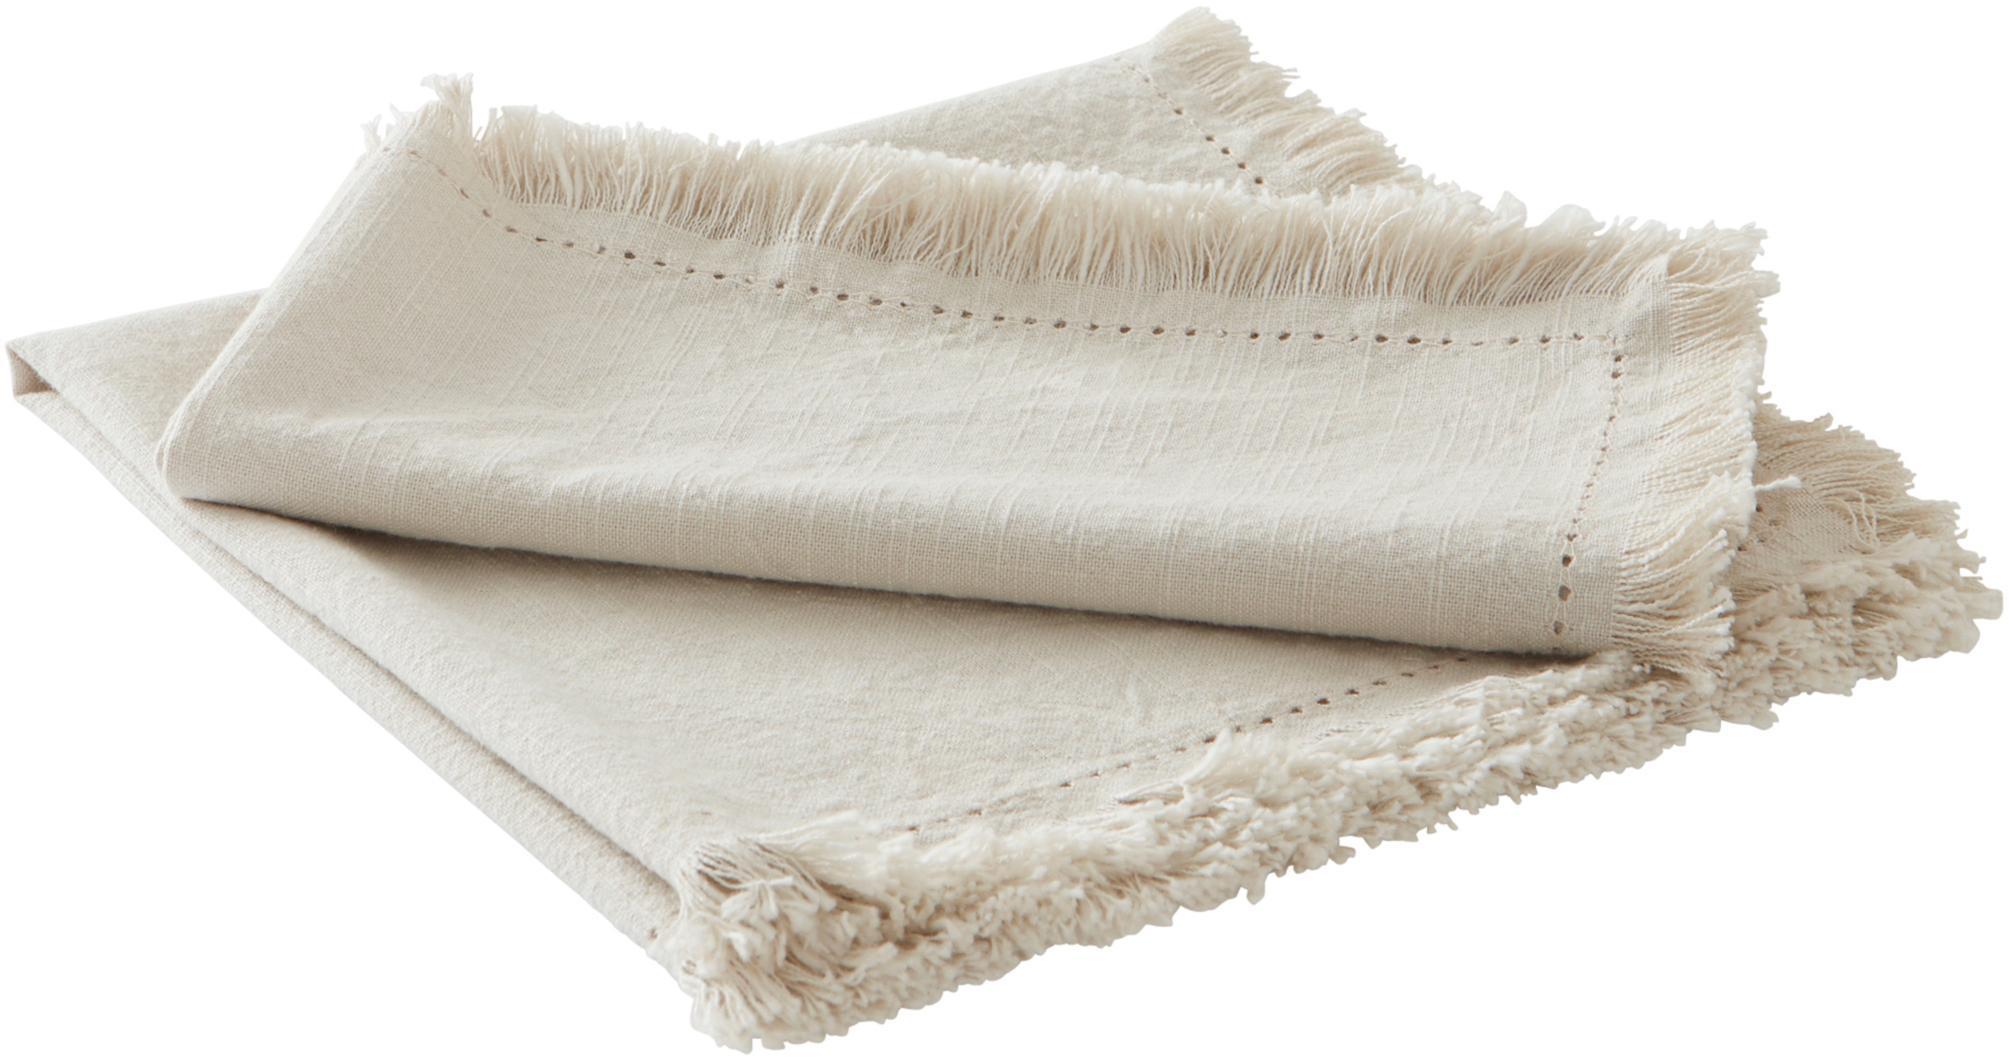 Baumwoll-Servietten Hilma mit Fransen, 2 Stück, 100% Baumwolle, Beige, 45 x 45 cm